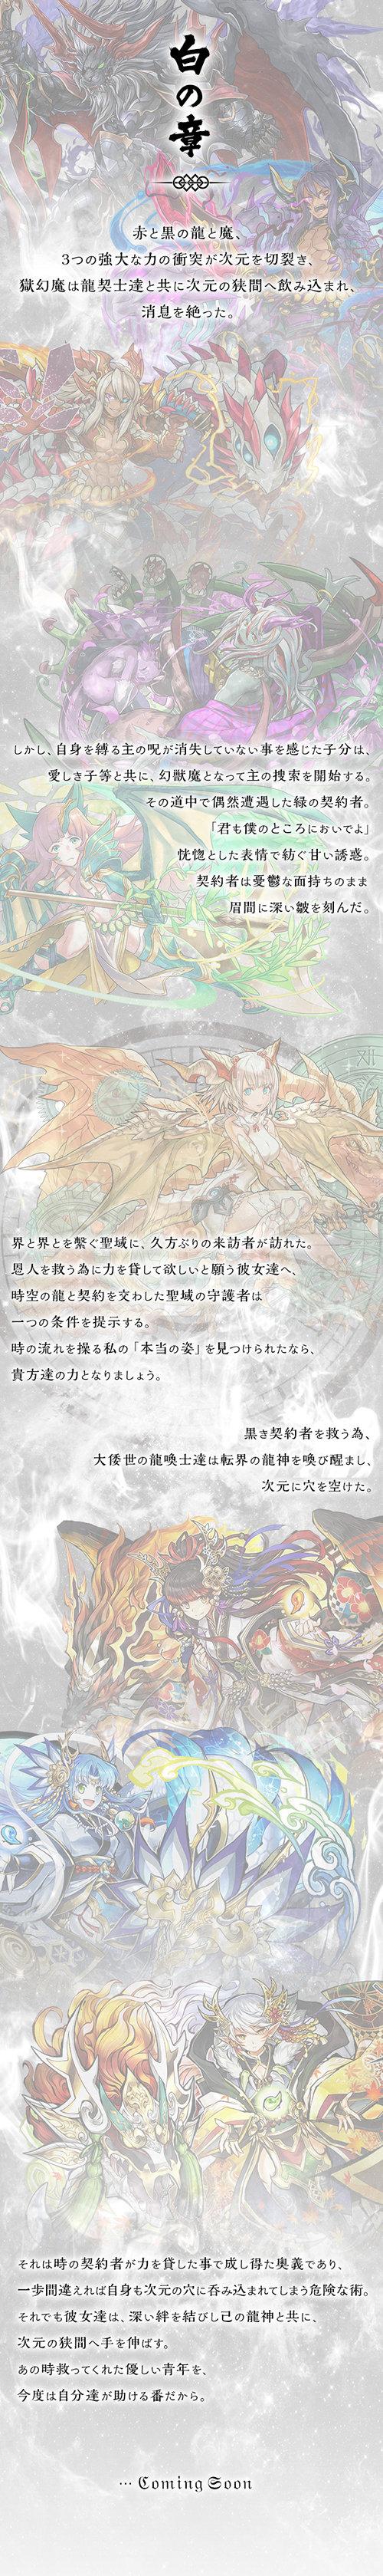 「白の章」のストーリー